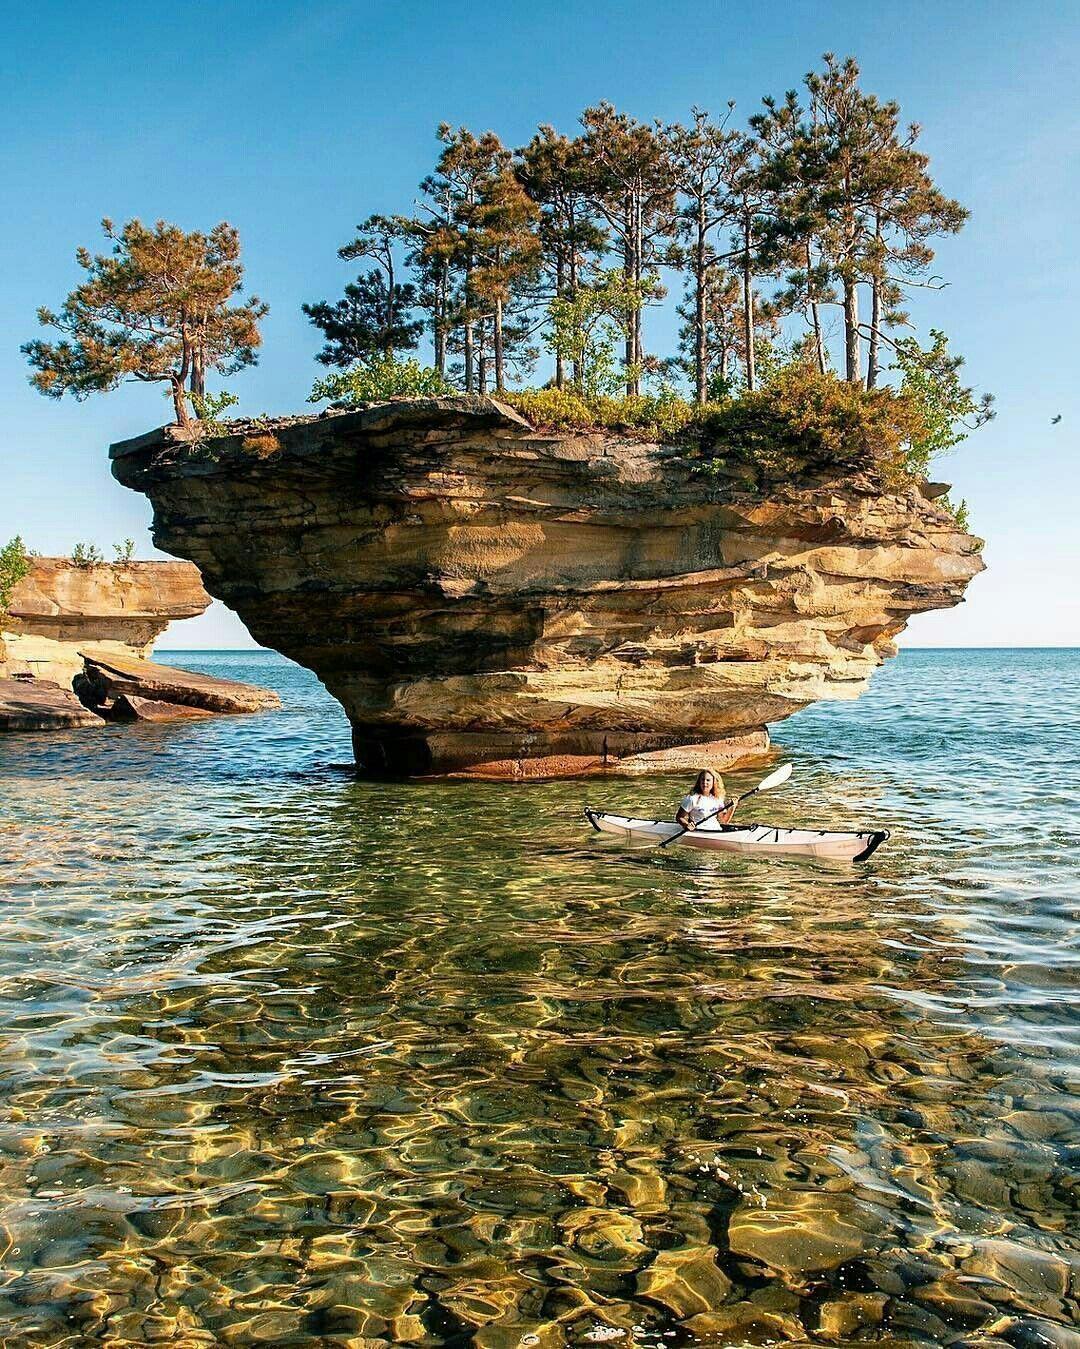 Turnip Rock Port Austin Michigan Usa Paysages Magnifiques Paysage Merveilleux Beau Paysage